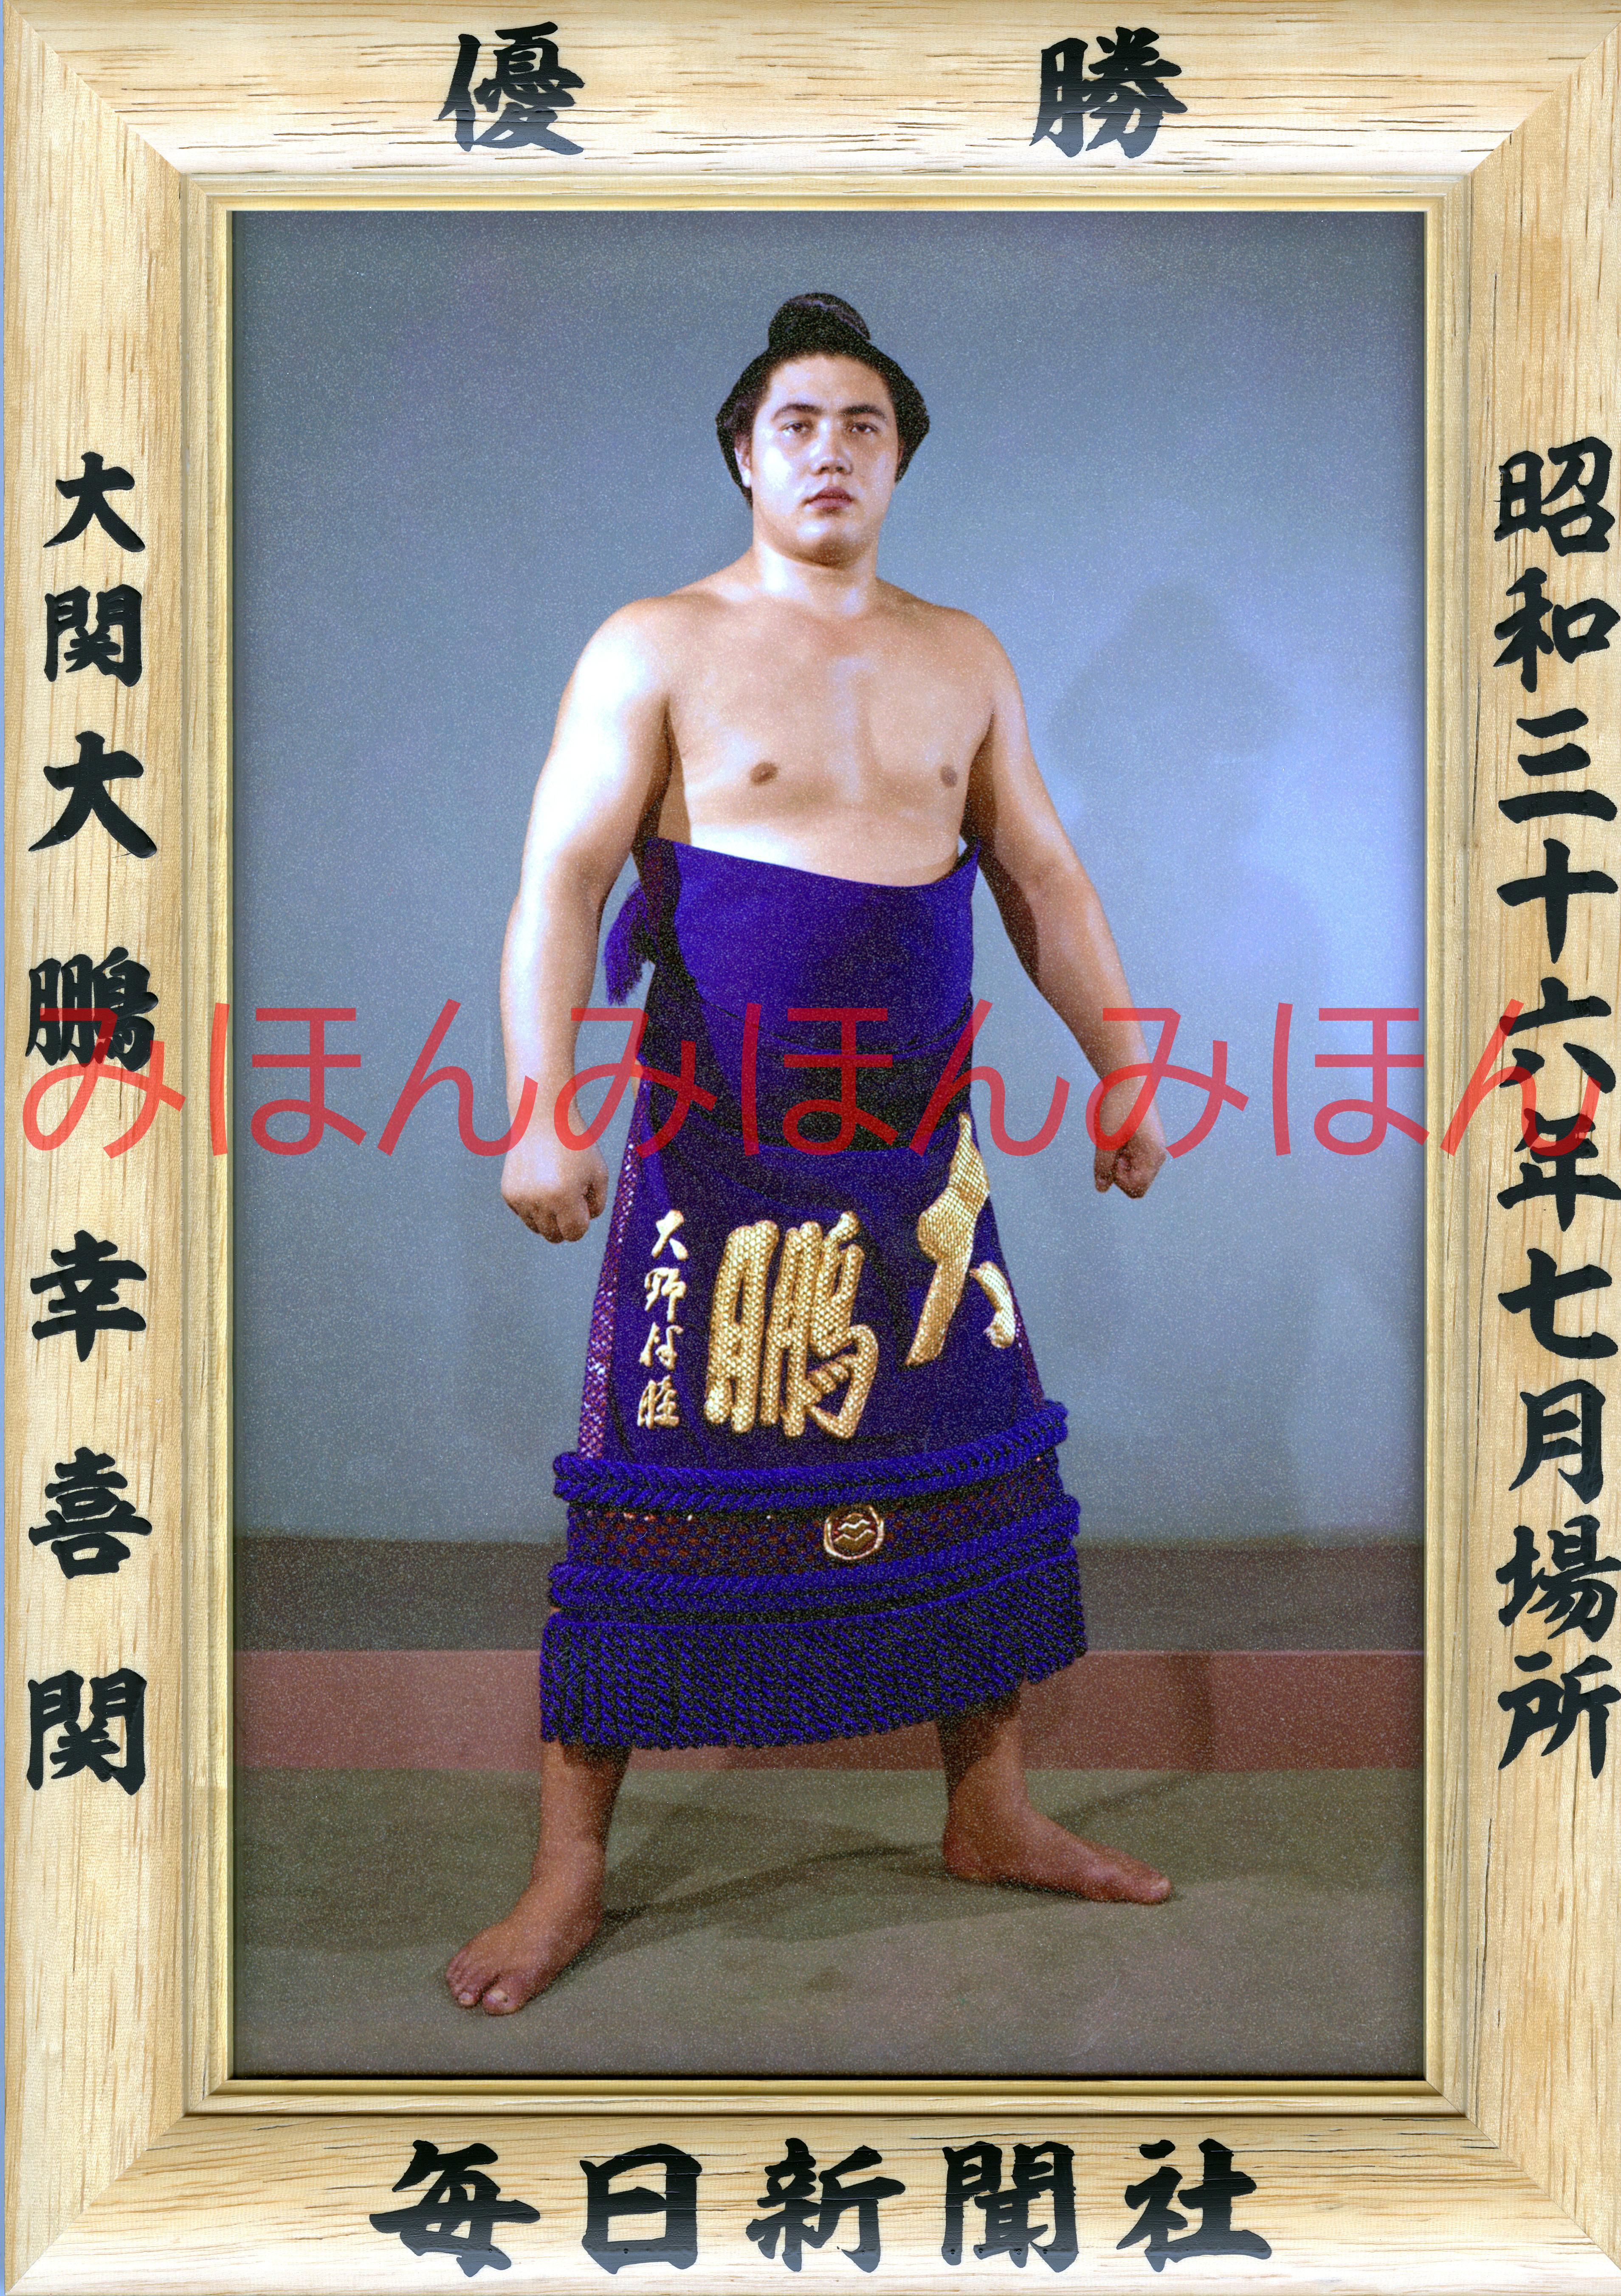 昭和36年7月場所優勝 大関 大鵬幸喜関(2回目の優勝)